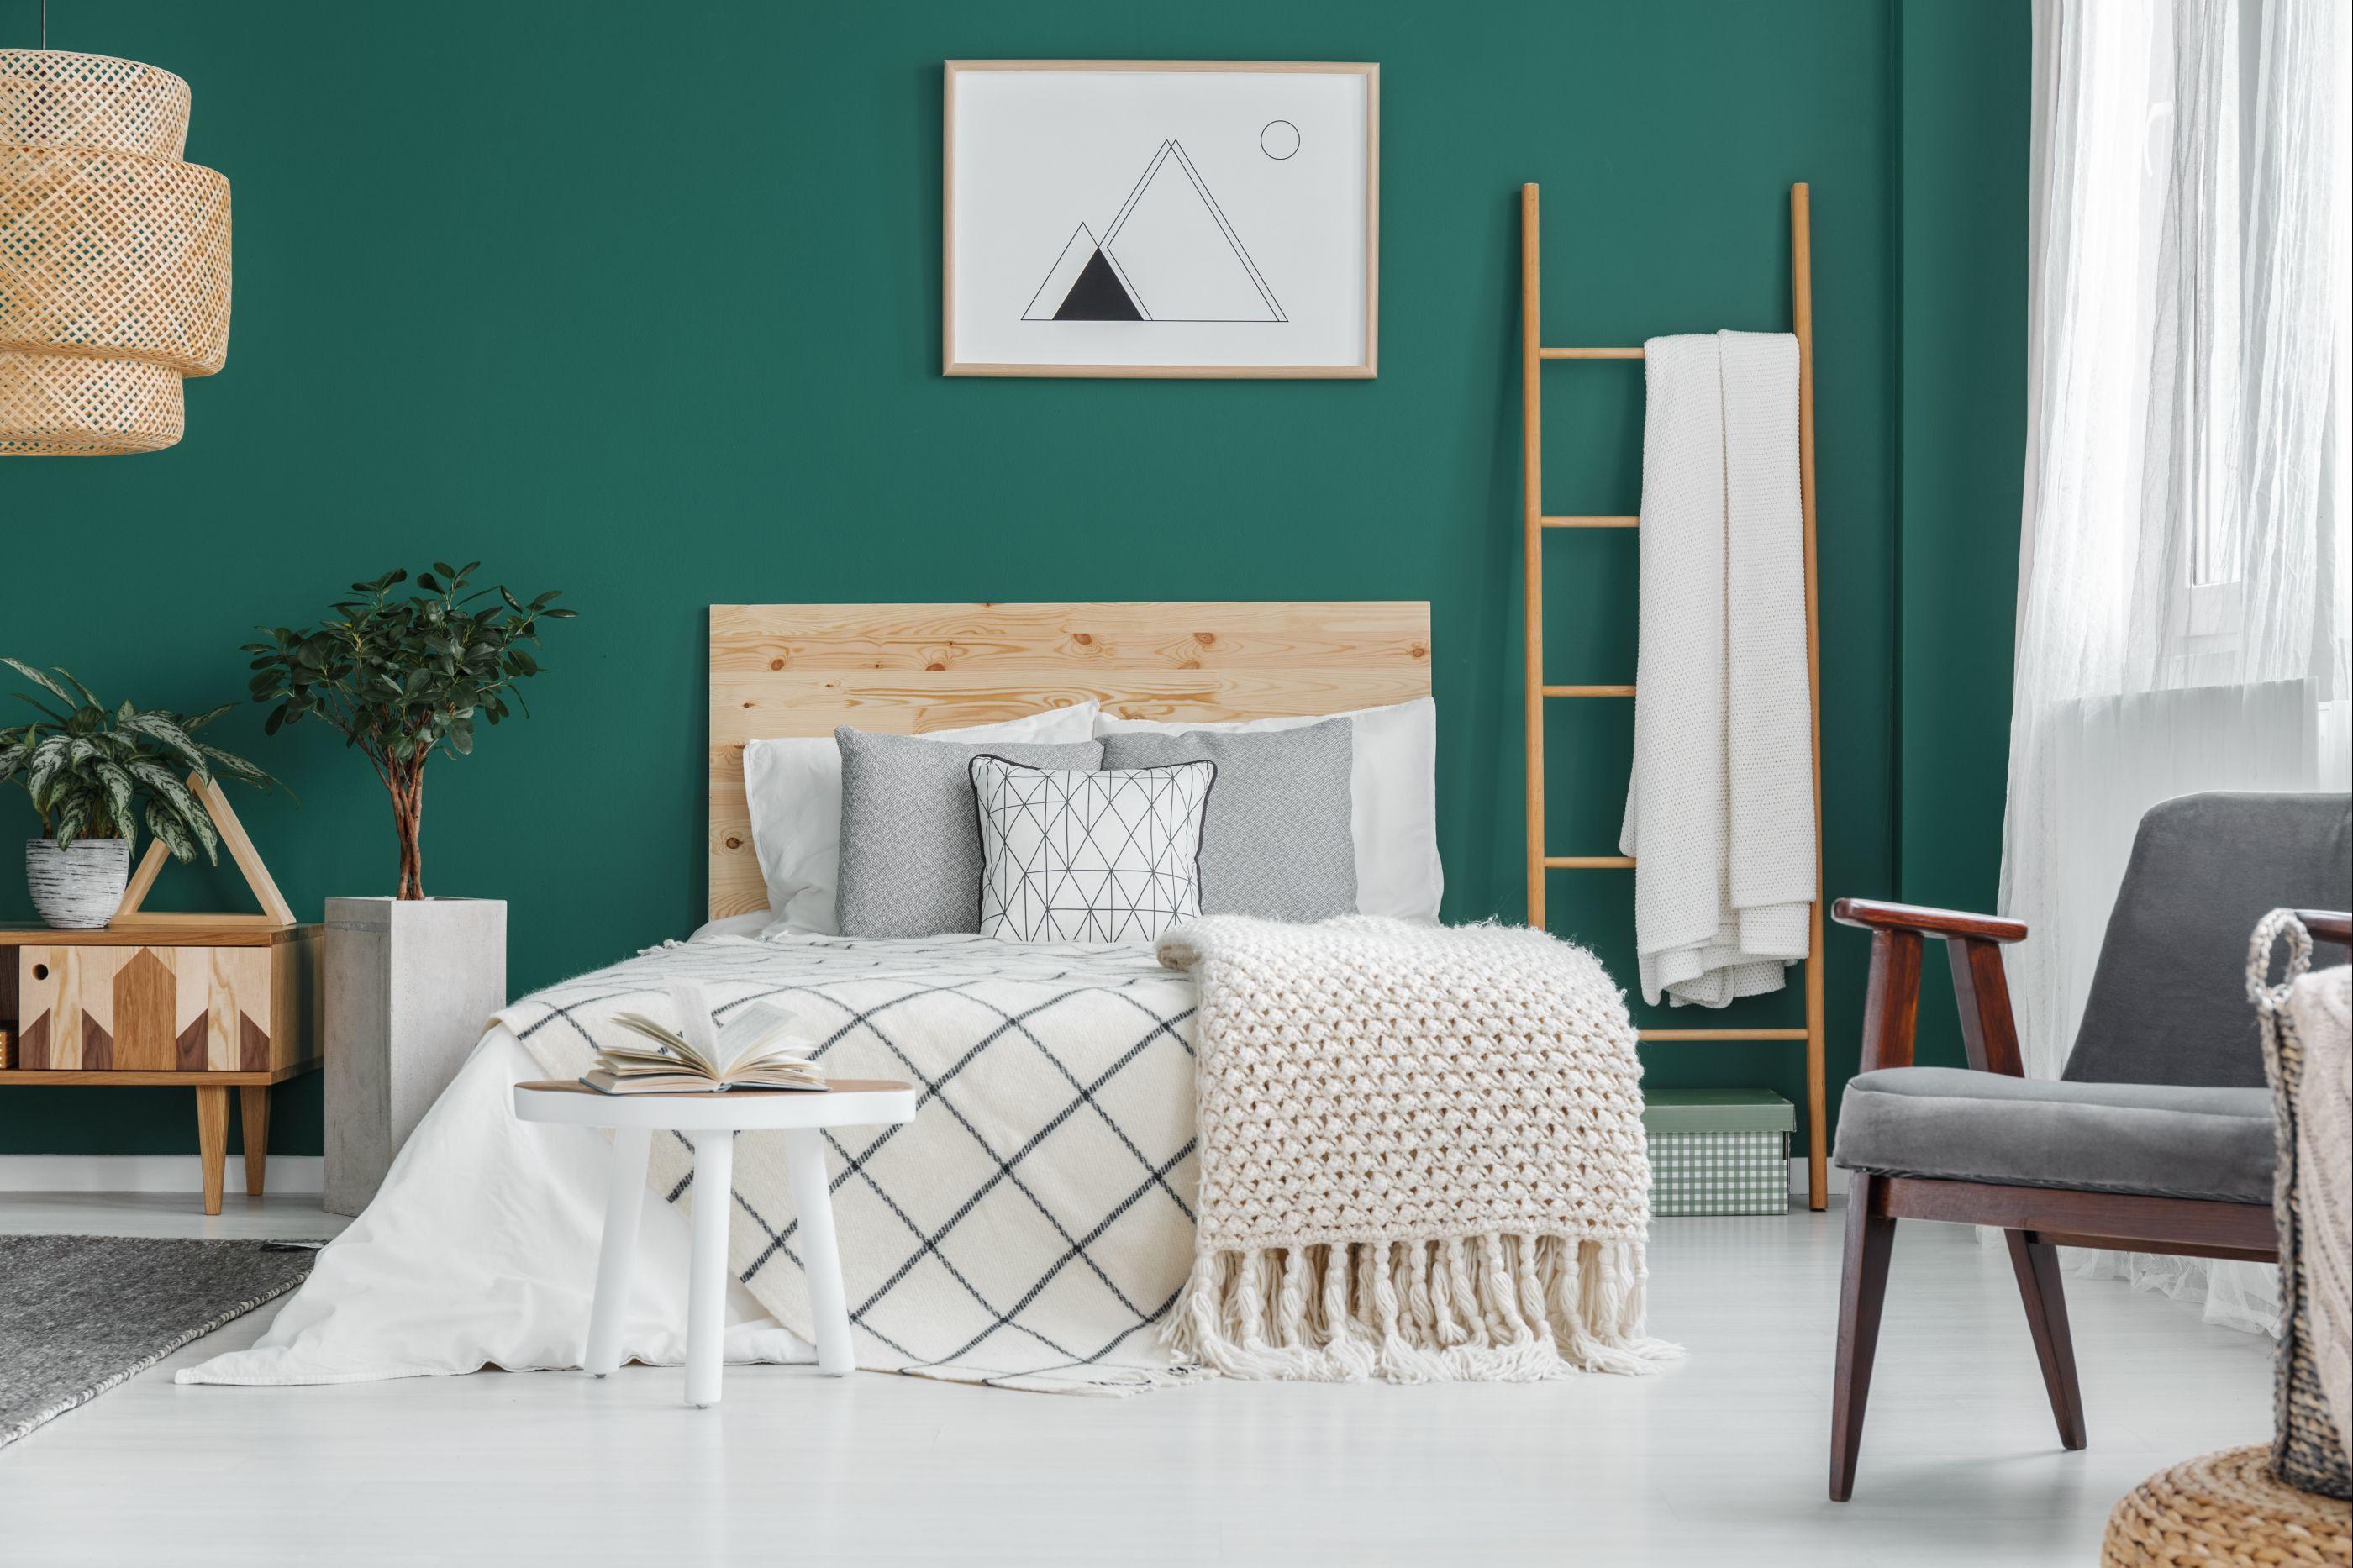 Quer decorar a casa? Estas cores serão a tendência em 2019